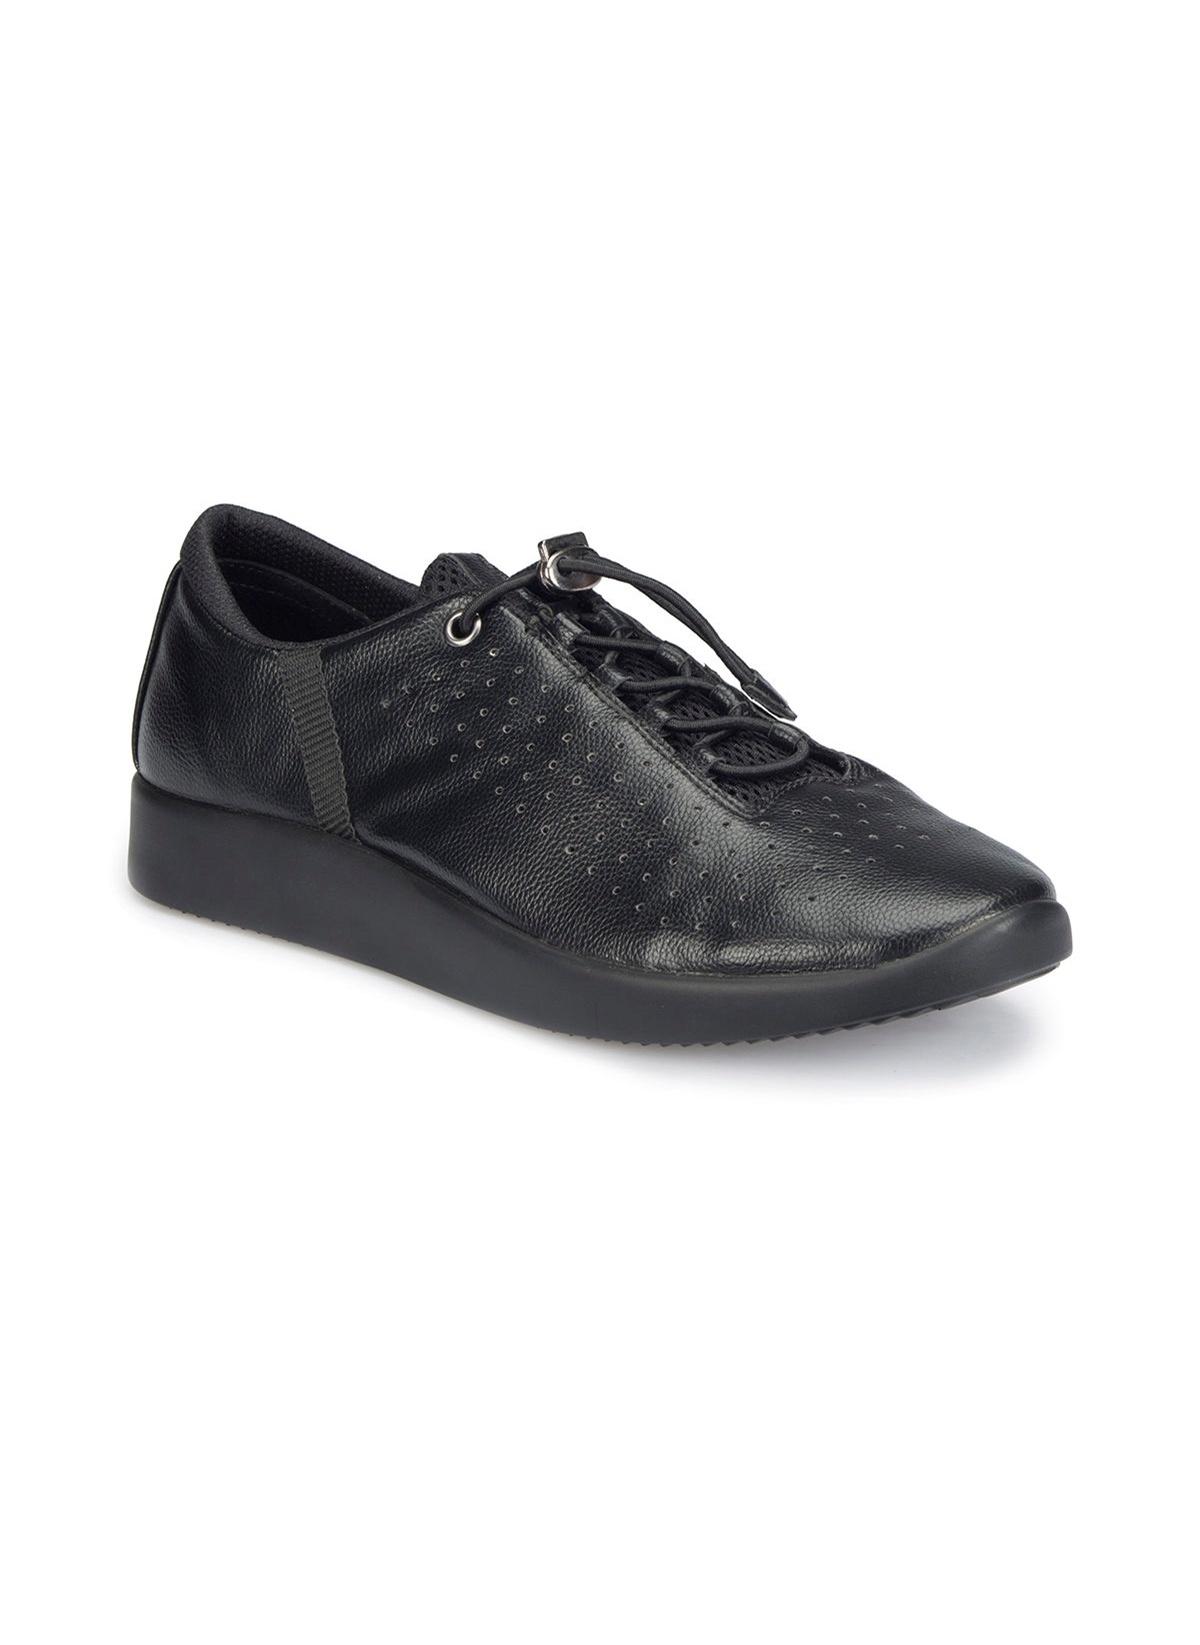 Polaris Ayakkabı 81.111261.z Basic Comfort – 59.0 TL